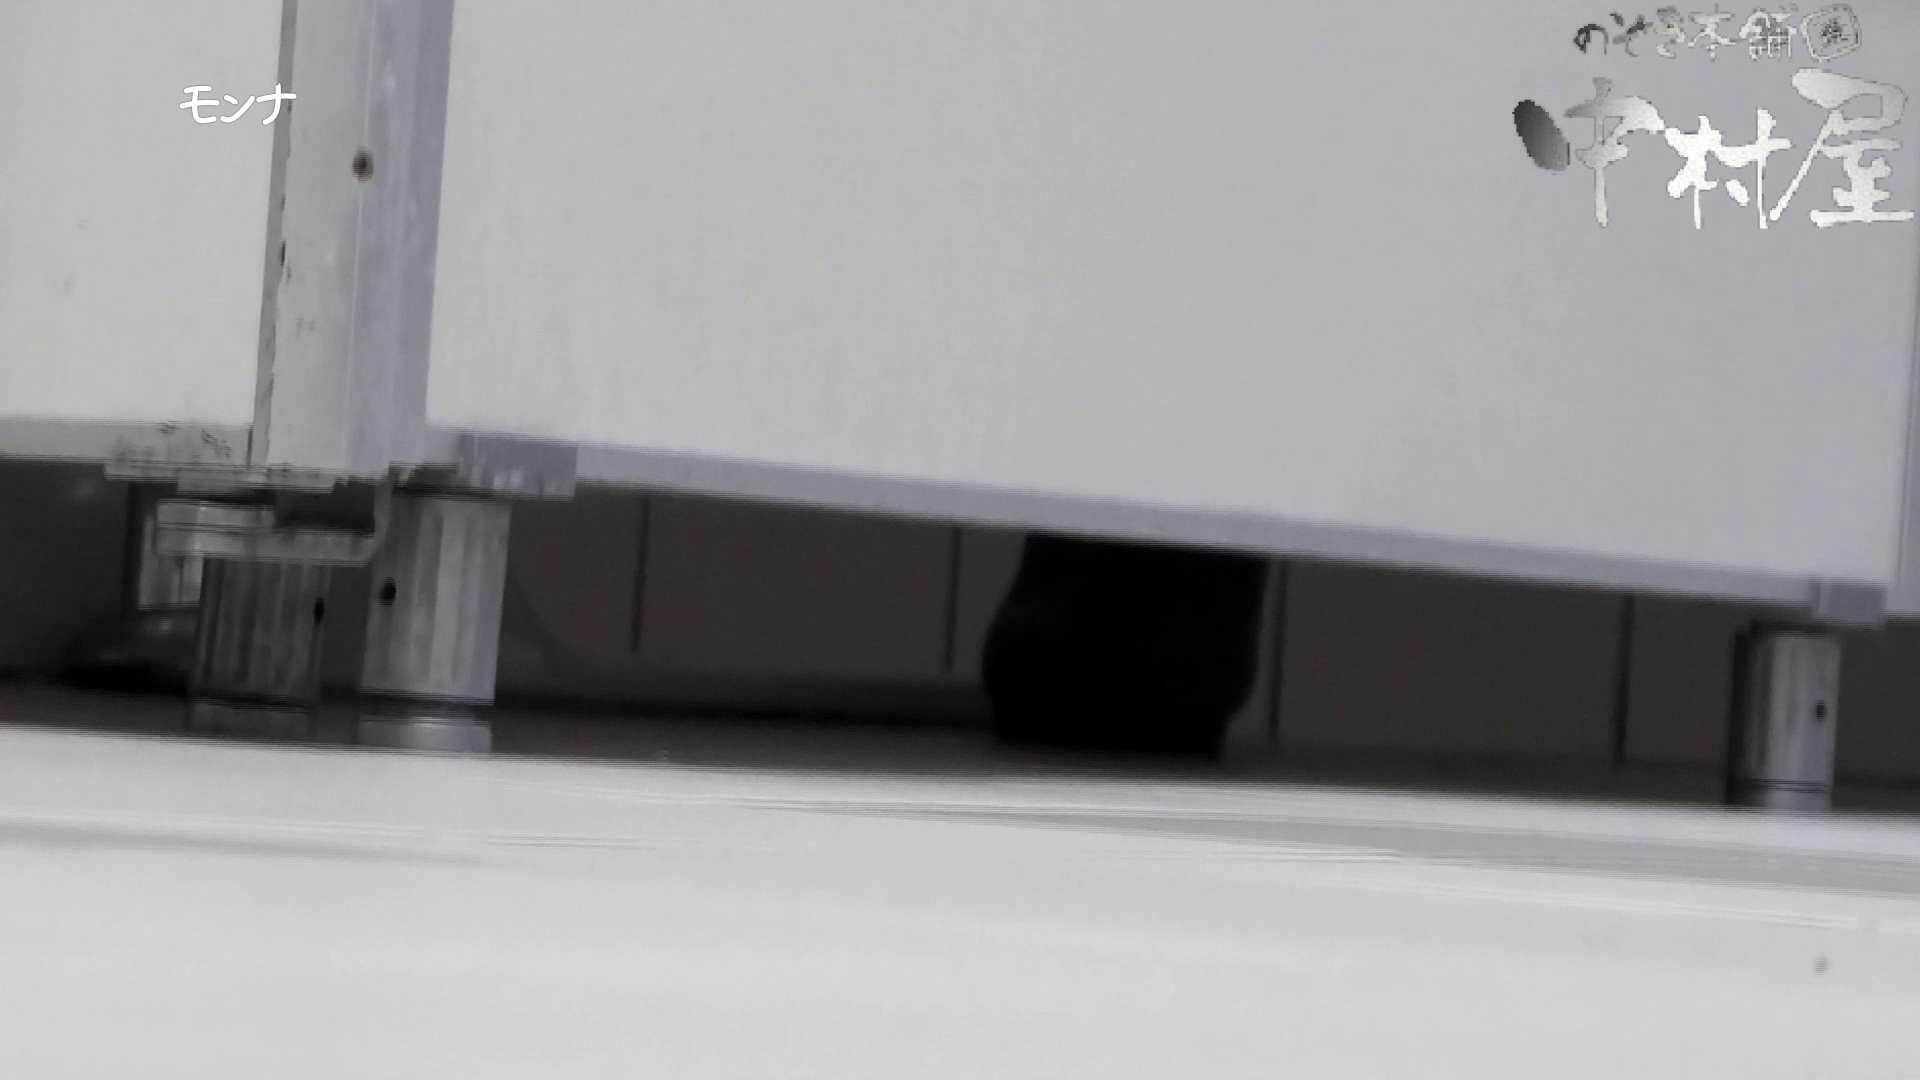 無修正エロ動画:【美しい日本の未来】美しい日本の未来 No.42 初の冬バージョン!現場の苦労とモンナの執念:のぞき本舗 中村屋